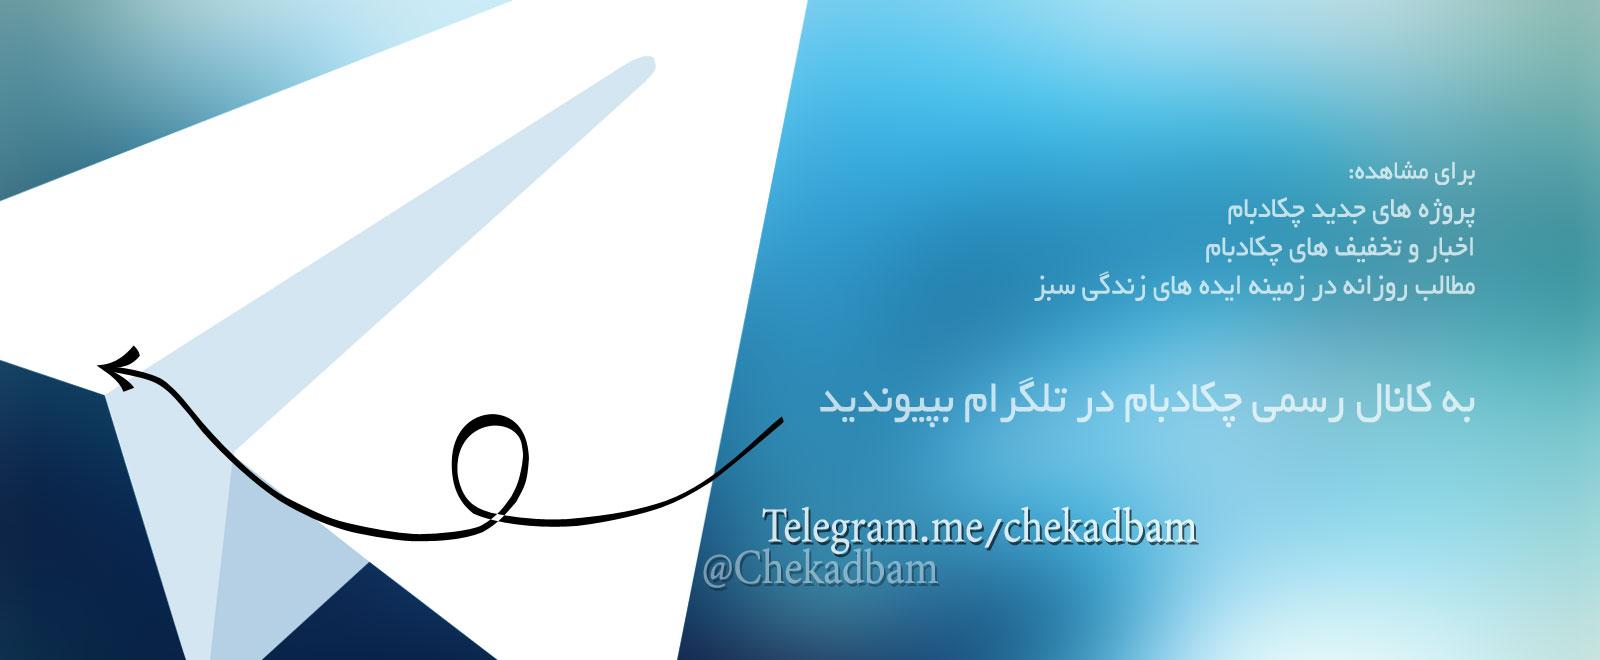 کانال تلگرام چکادبام